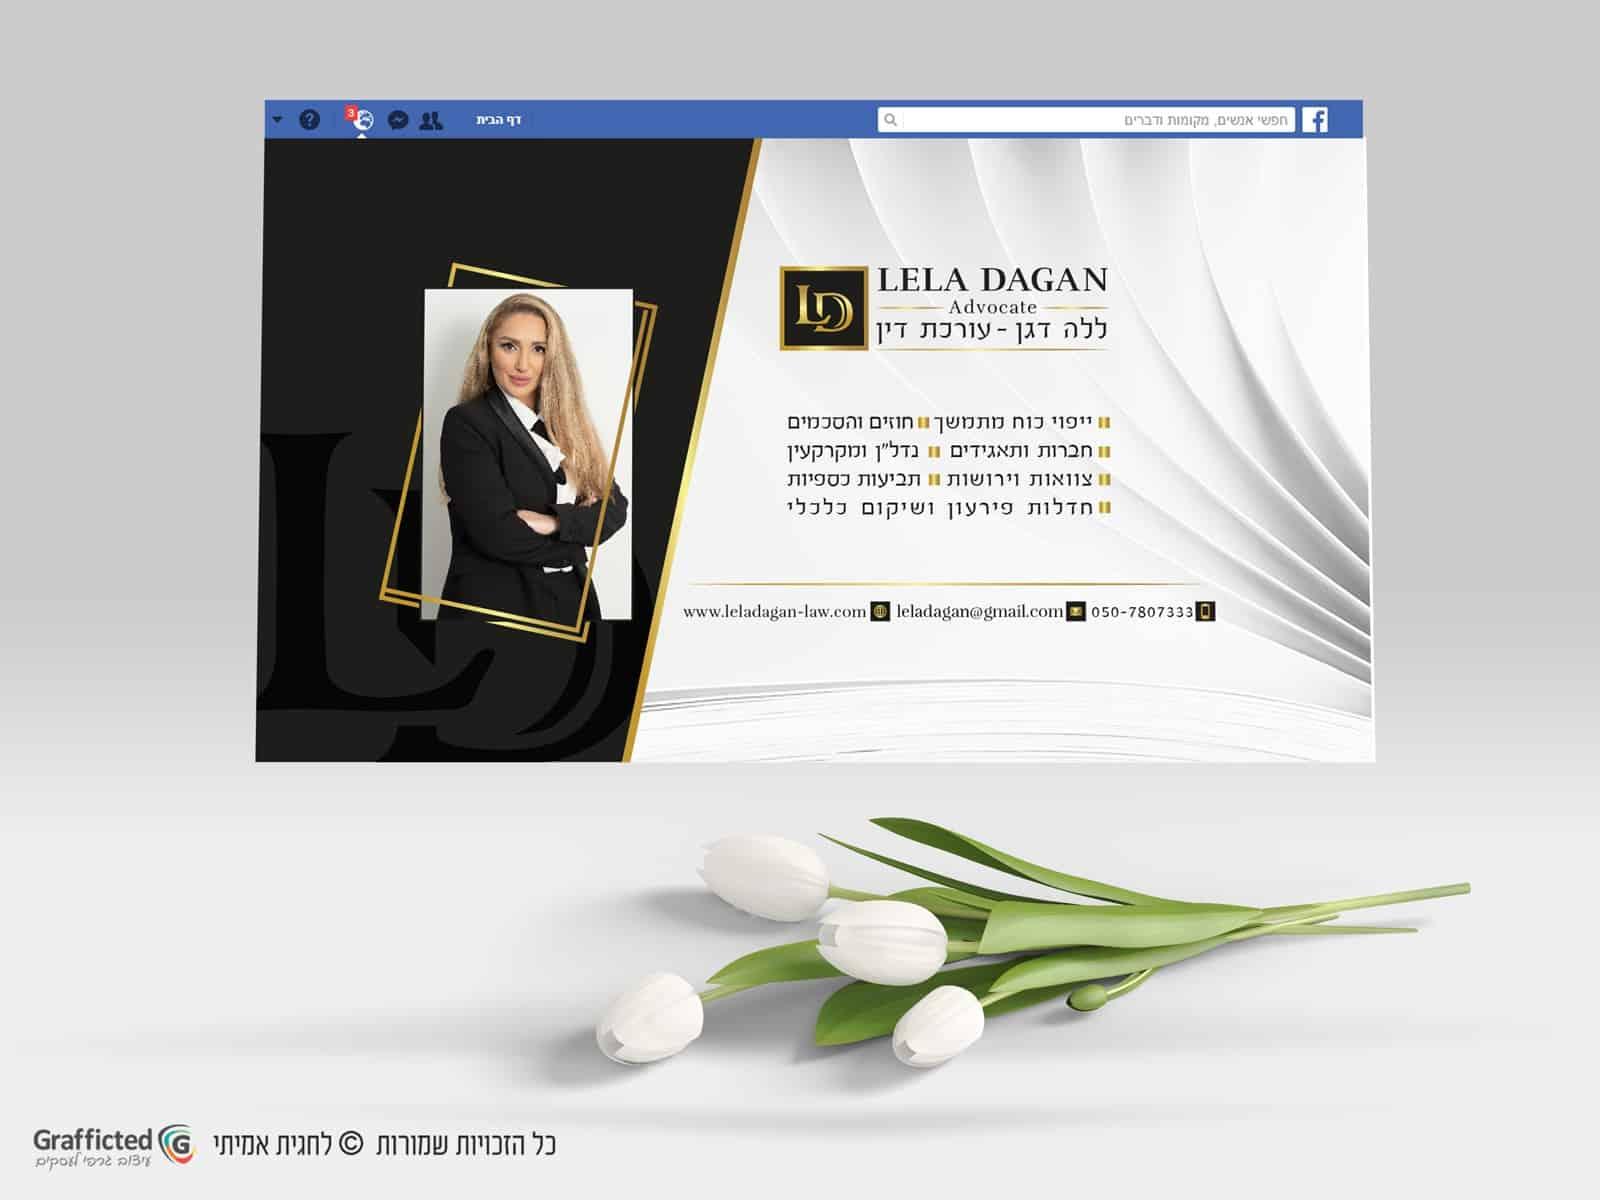 עיצוב-לפייסבוק-לעורכת-דין